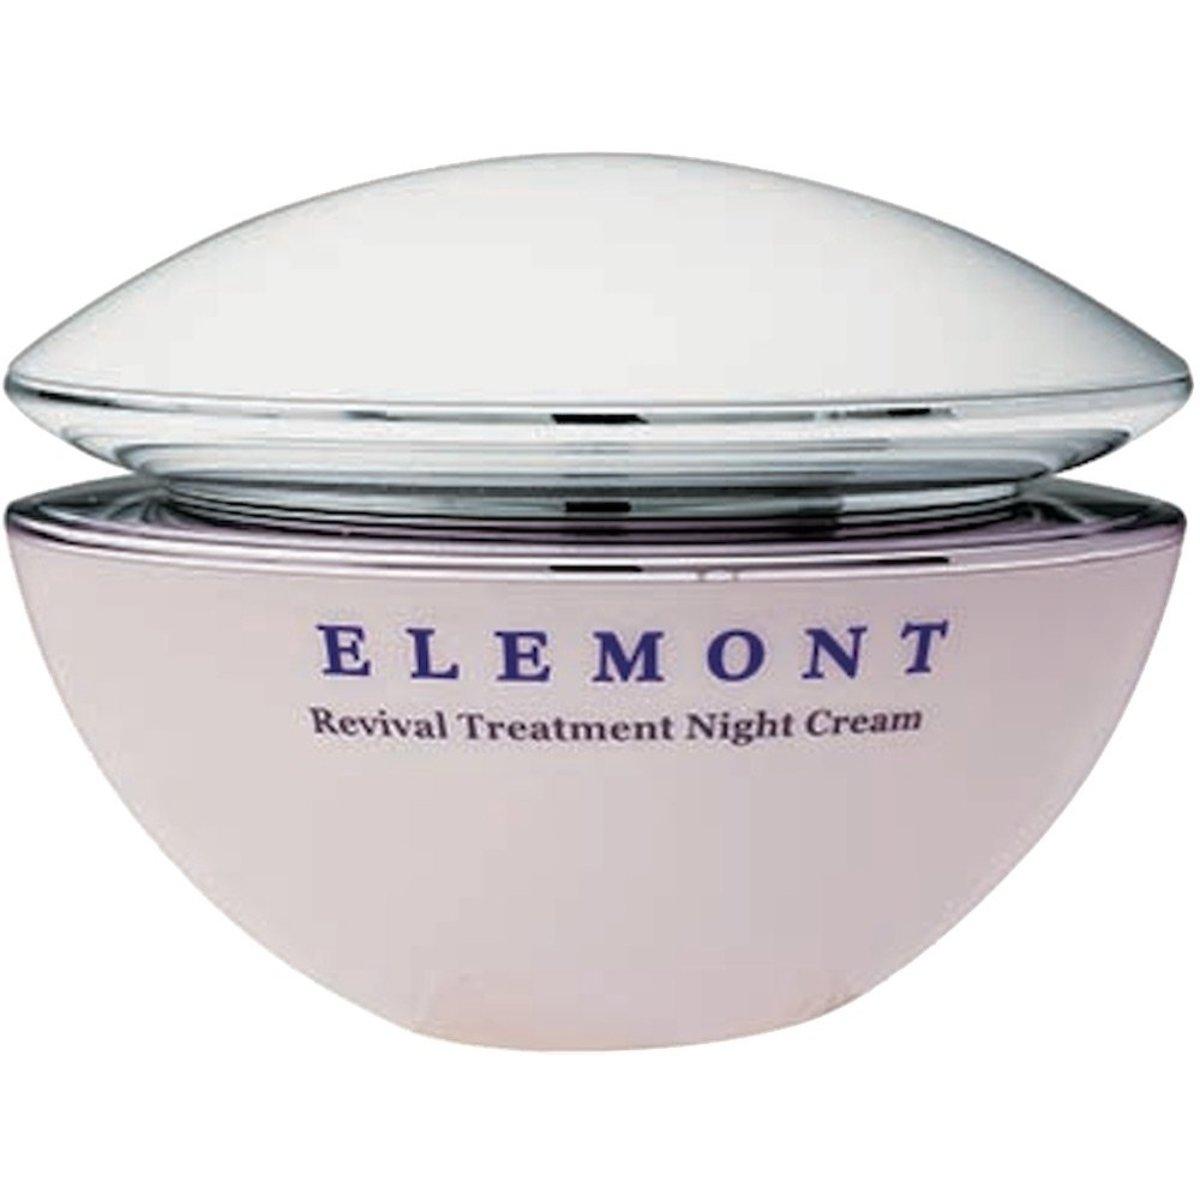 Revival Treatment Night Cream